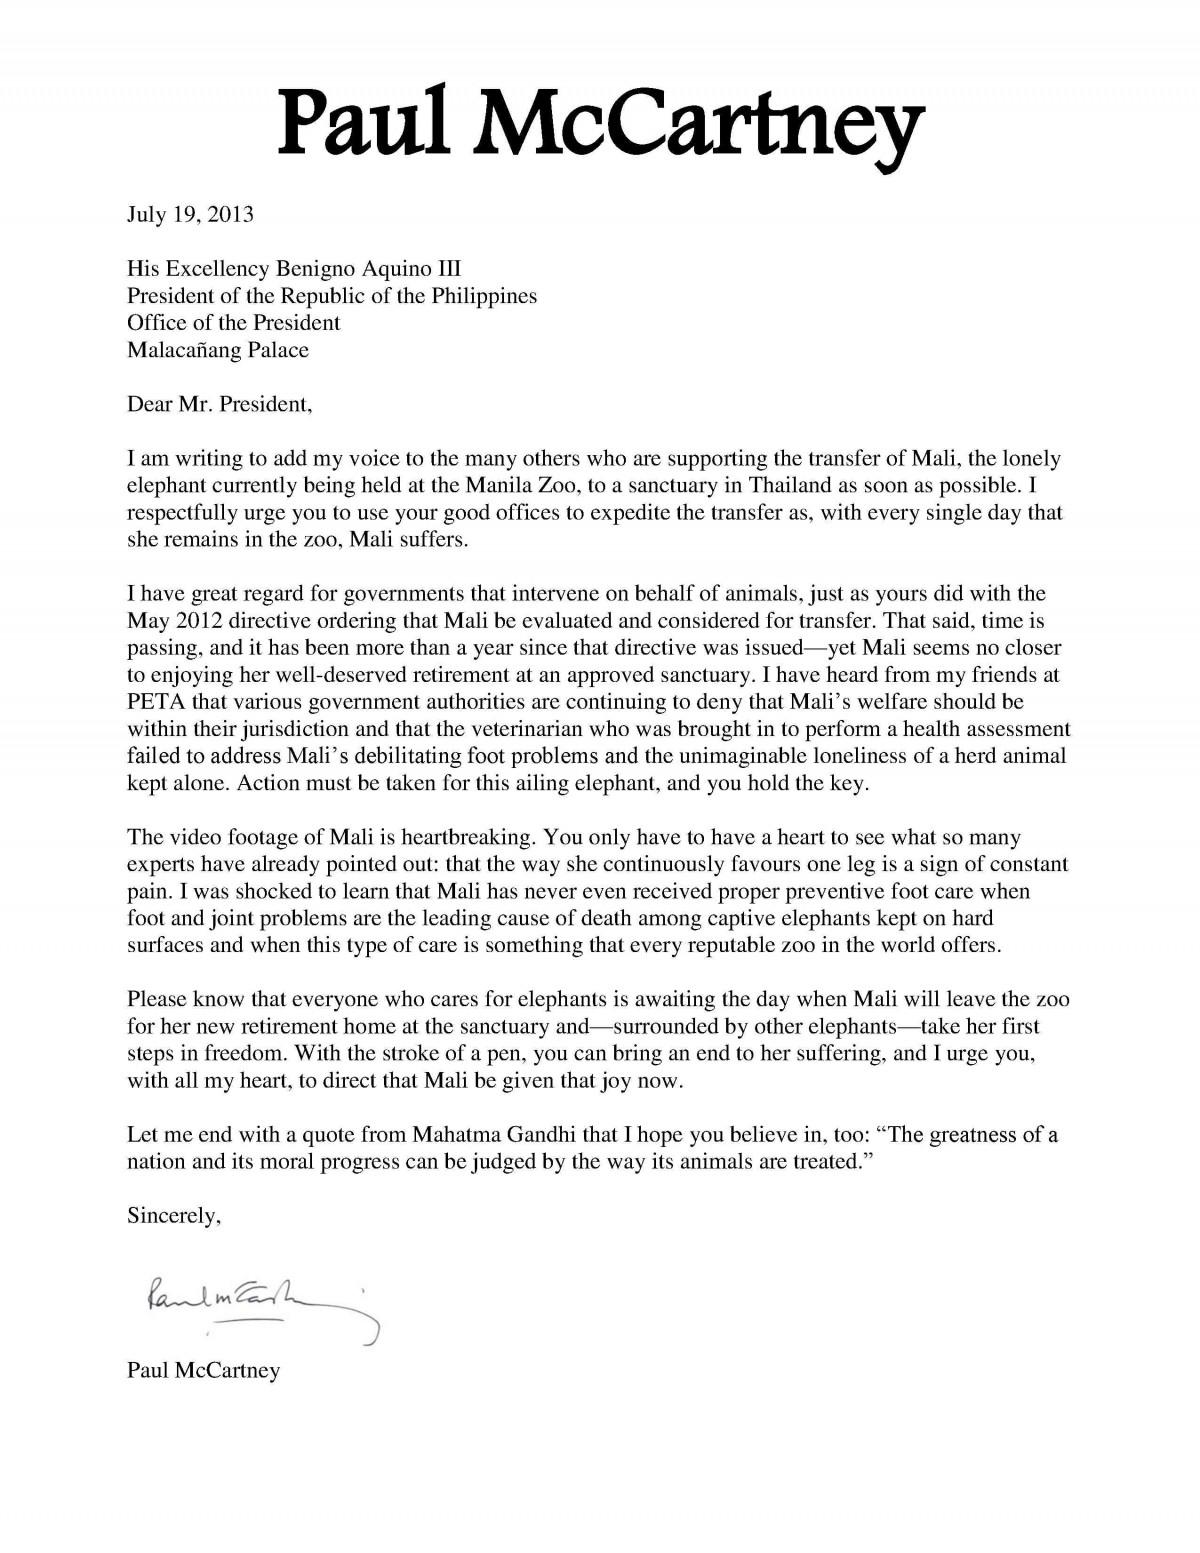 Paul McCartney letter